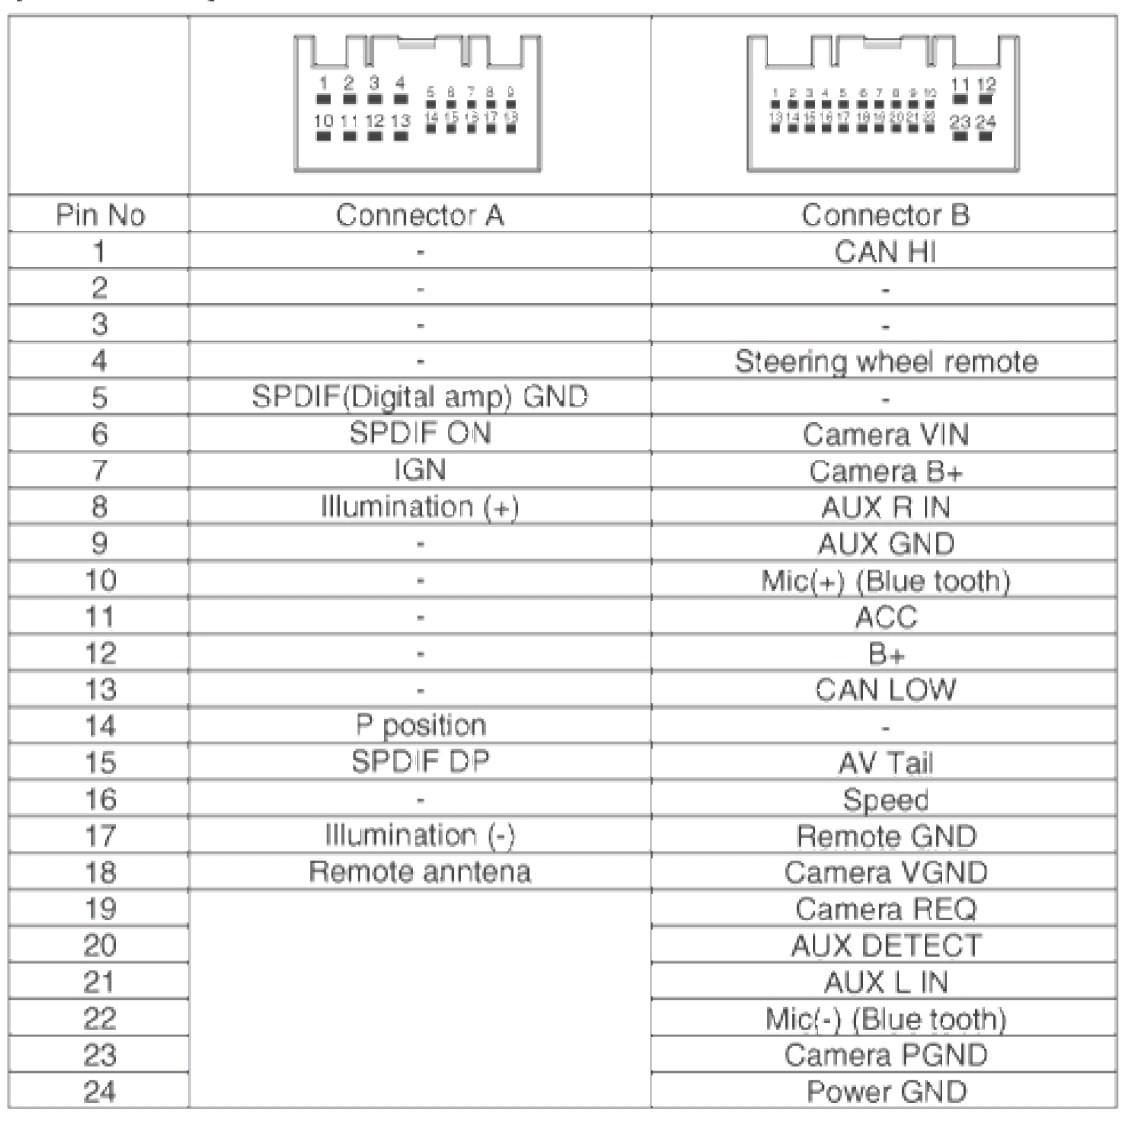 Avh P1400Dvd Pioneer Wiring Diagram | Wiring Library - Pioneer Avh-P1400Dvd Wiring Diagram